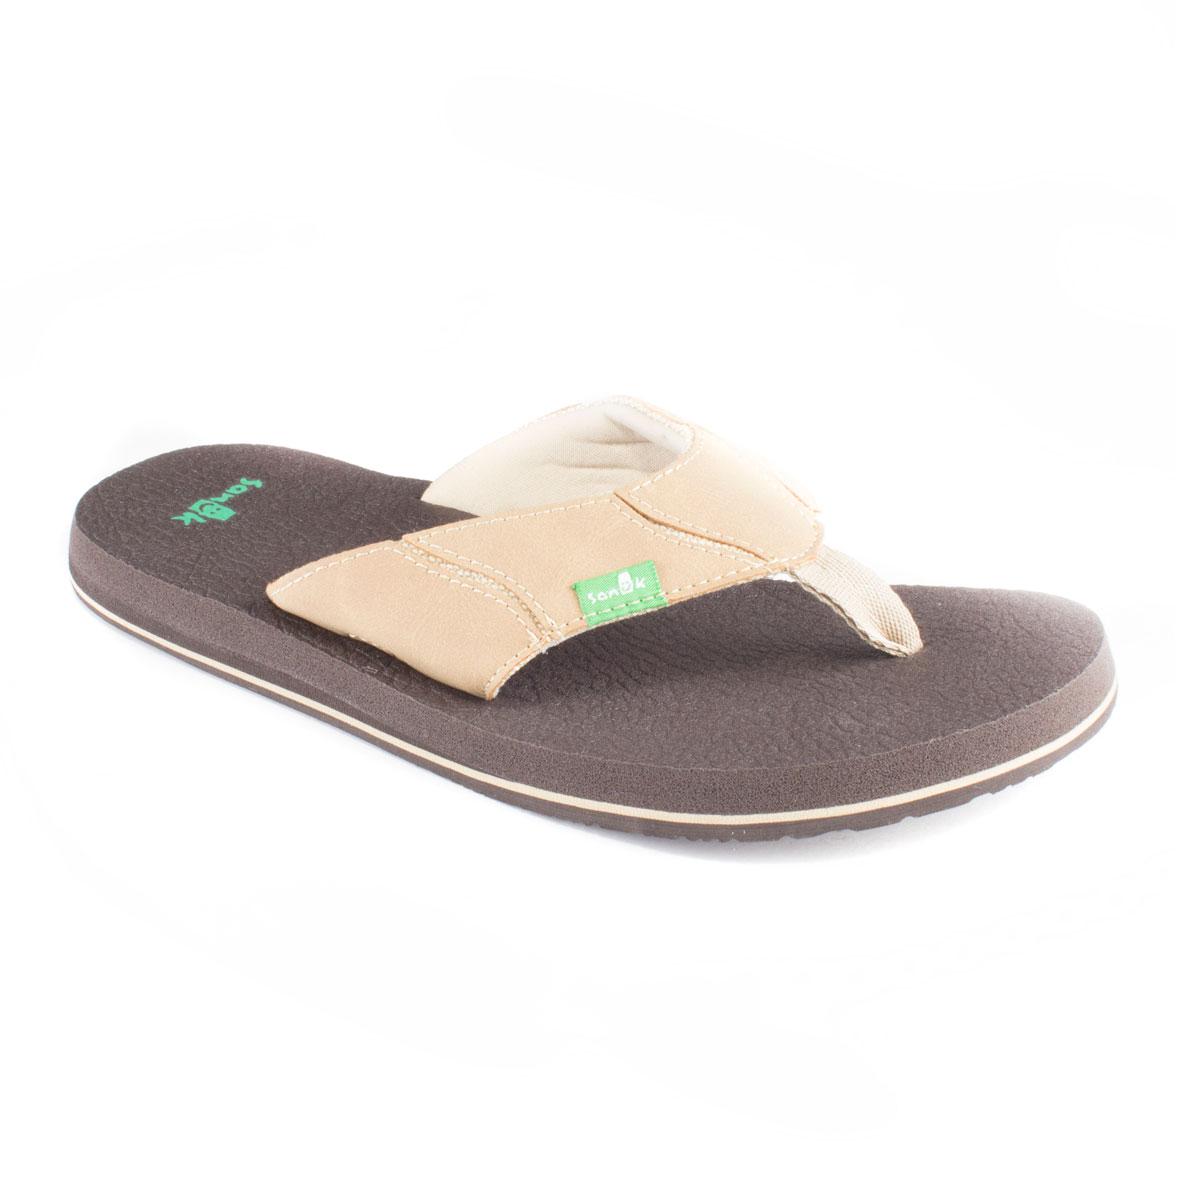 Sanuk Men S Fault Line Flip Flop Brown 9 Ebay